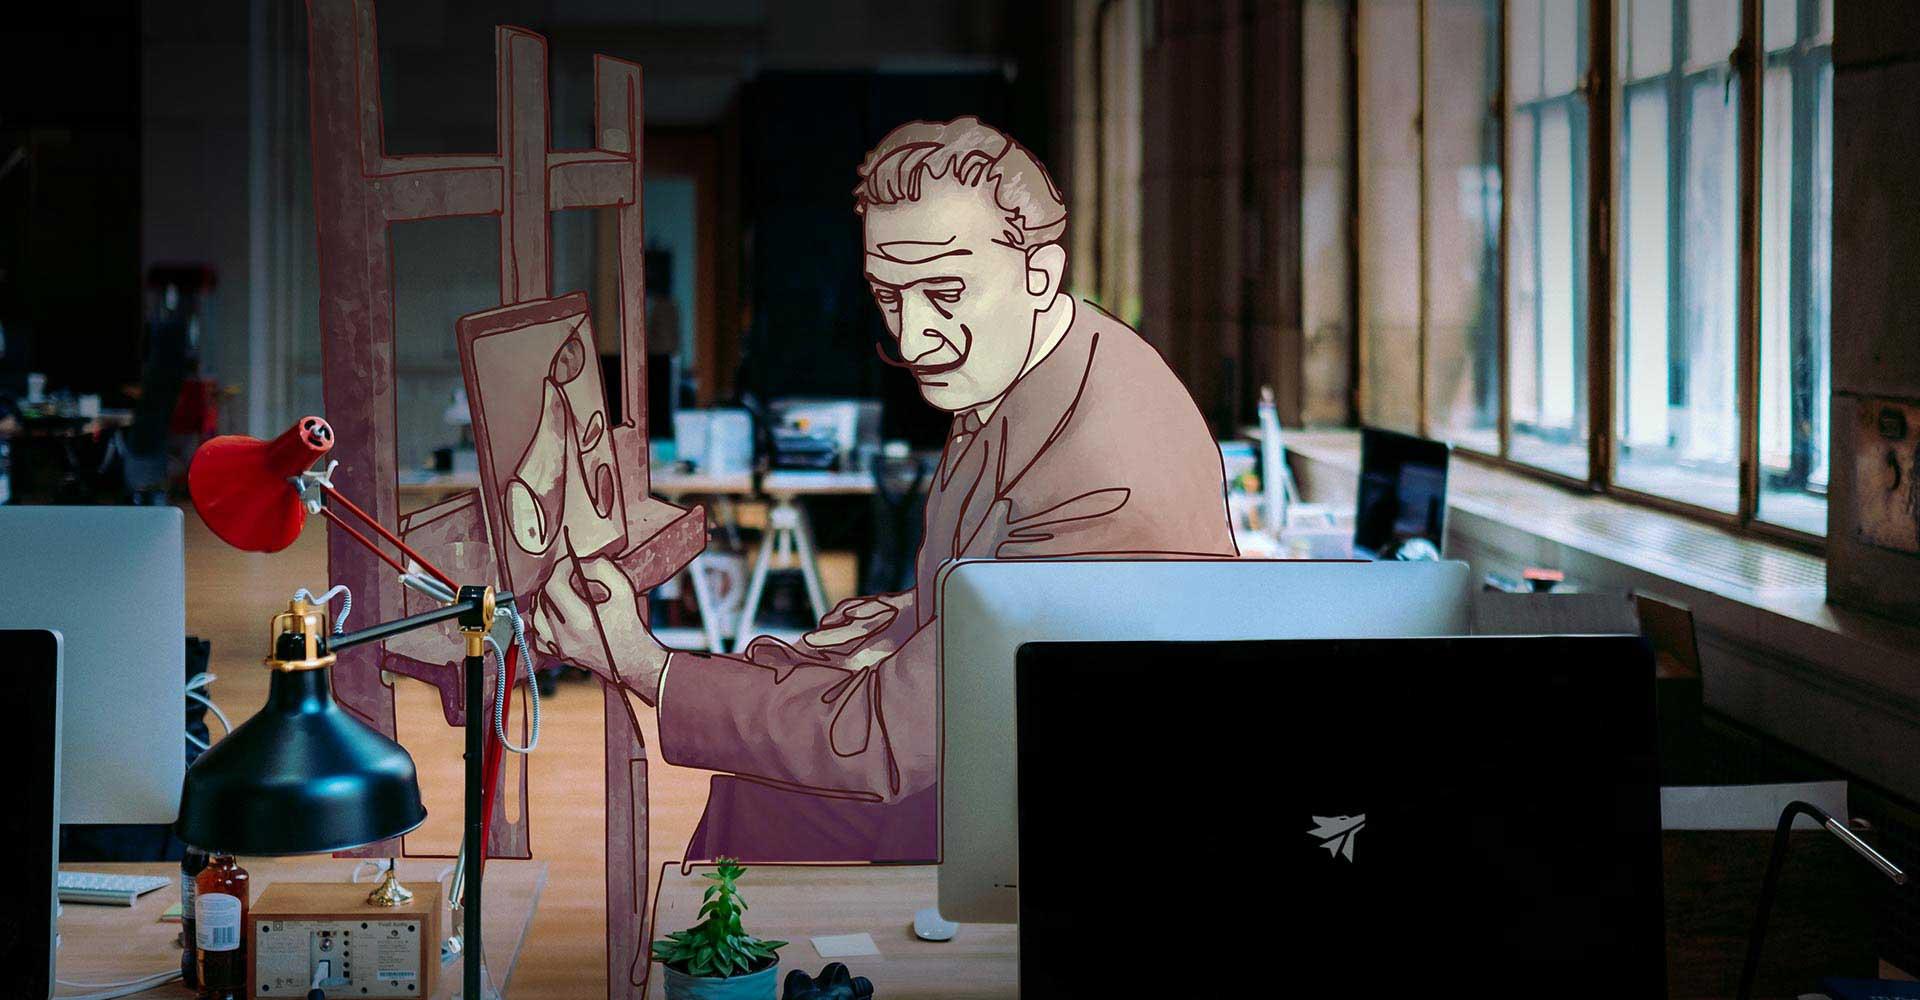 Immagine ritraente Salvador Dalì in un contesto contemporaneo